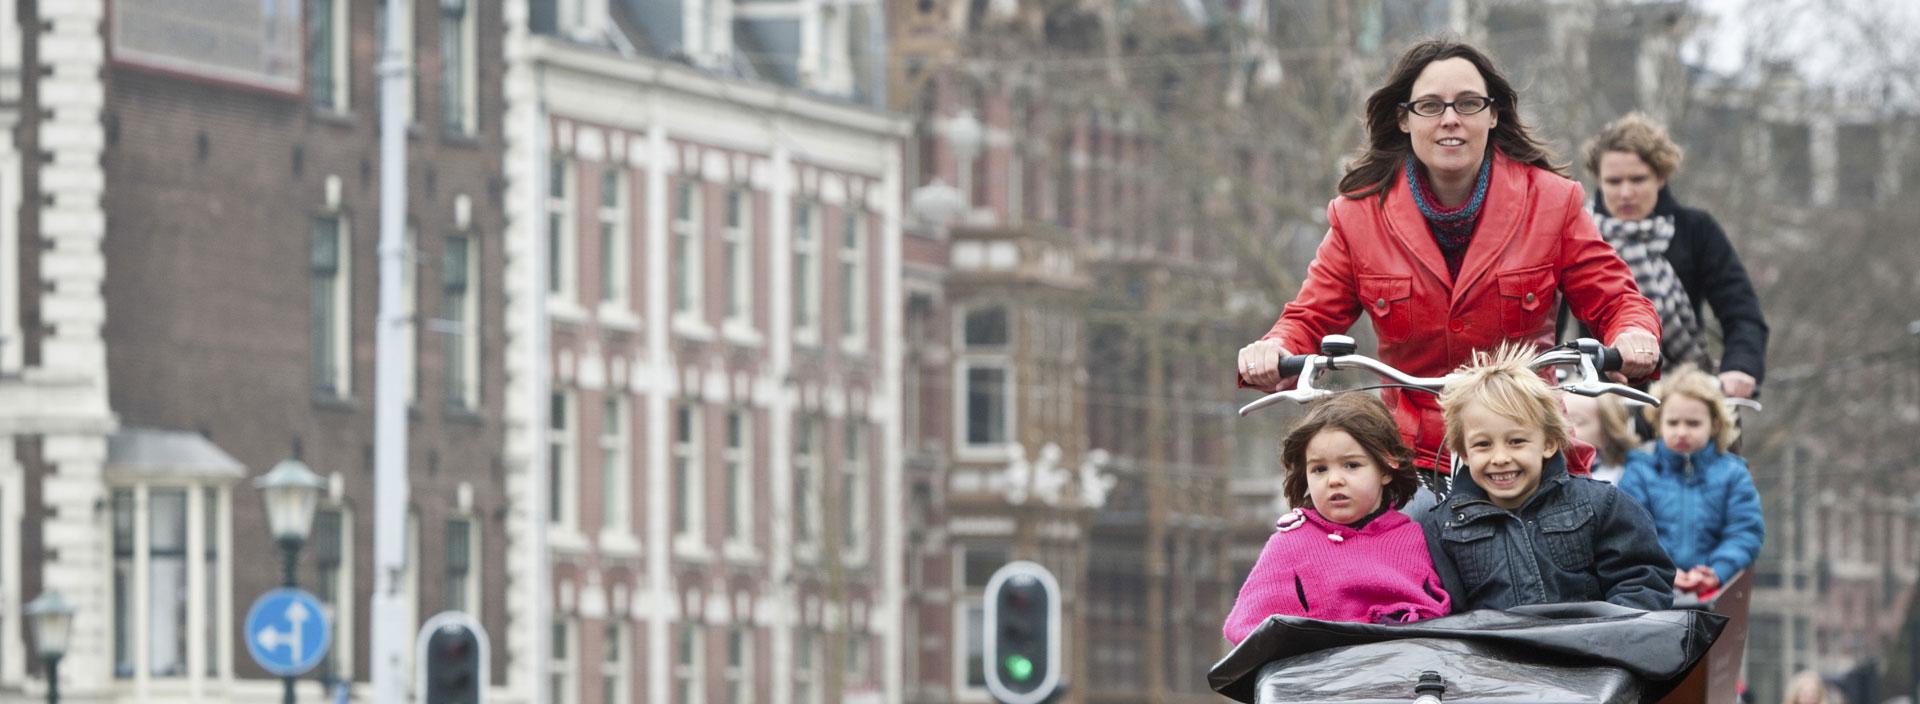 Moeder fietst door Amsterdam met kind in bakfiets.